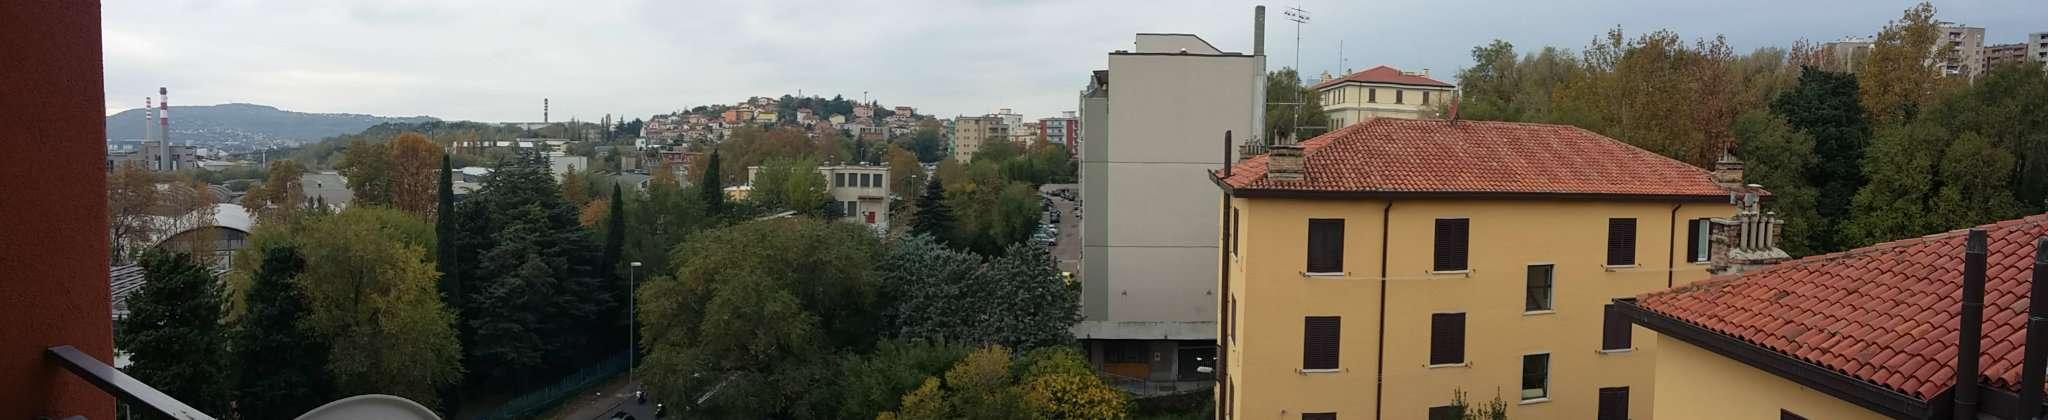 In Vendita a Trieste Bilocale